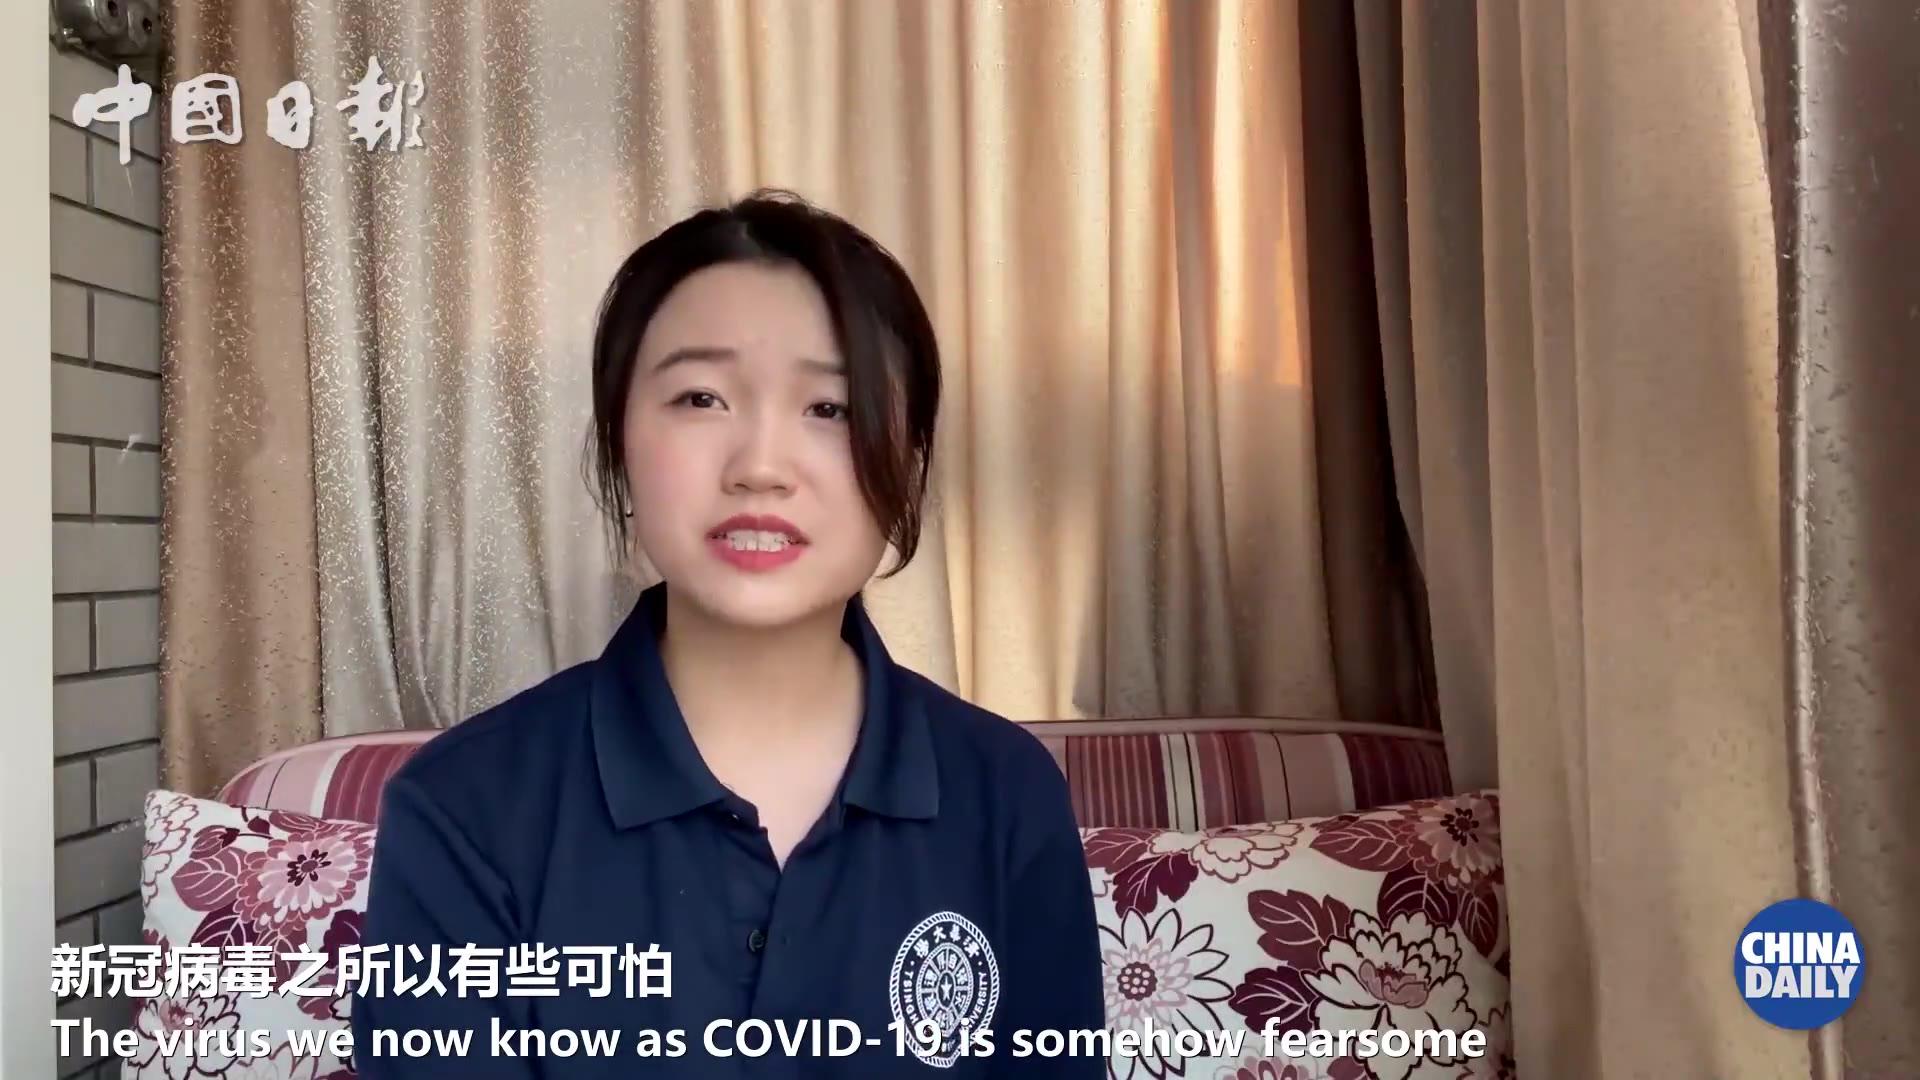 清华女学霸英文演讲:我三岁会唱国歌,一场疫情才理解了其中真正的含义